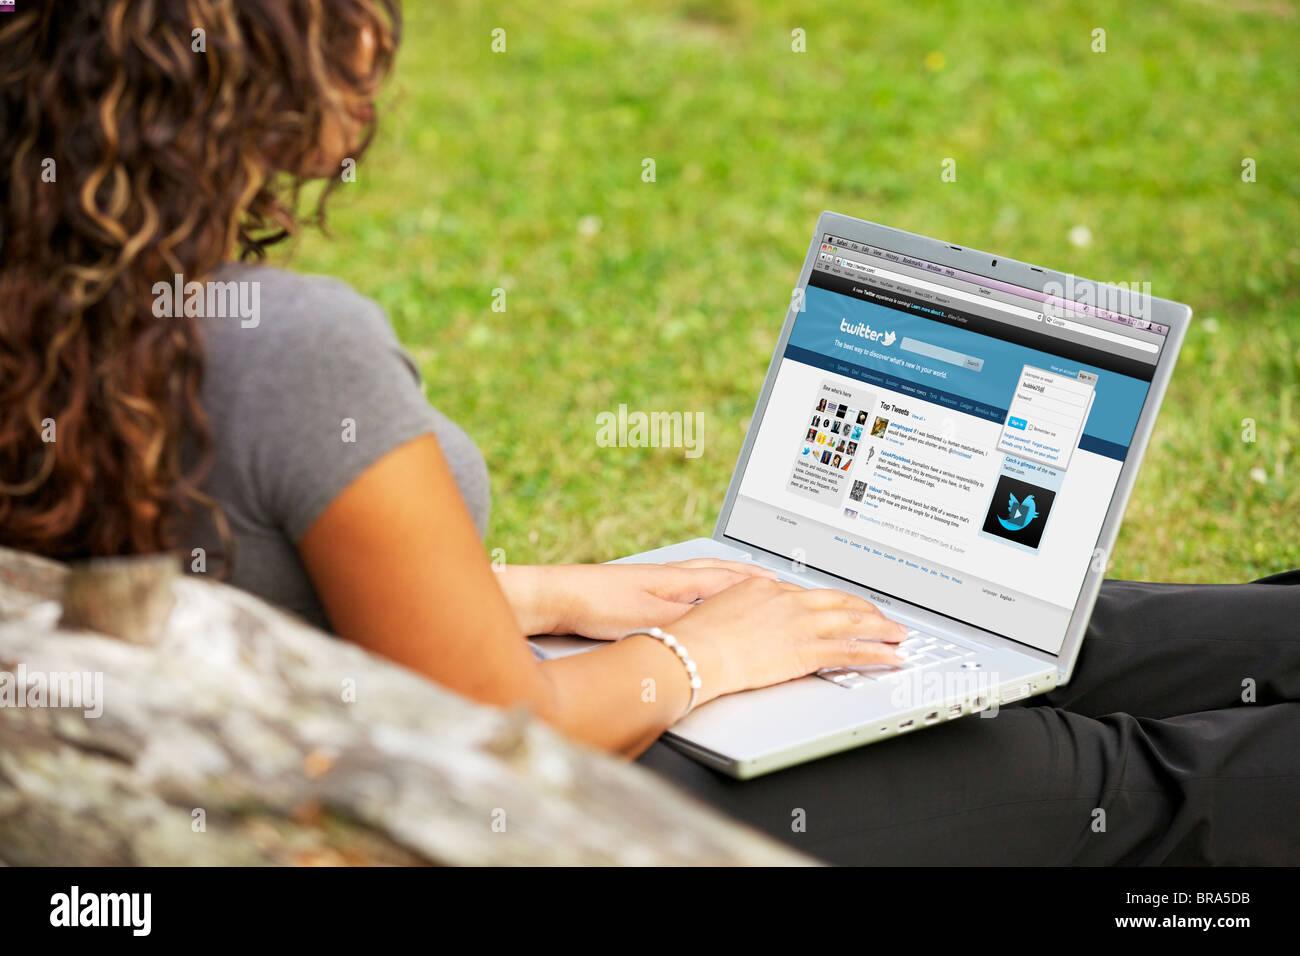 Mujer joven firma en su página de Twitter en línea en un solo equipo portátil en el parque Imagen De Stock